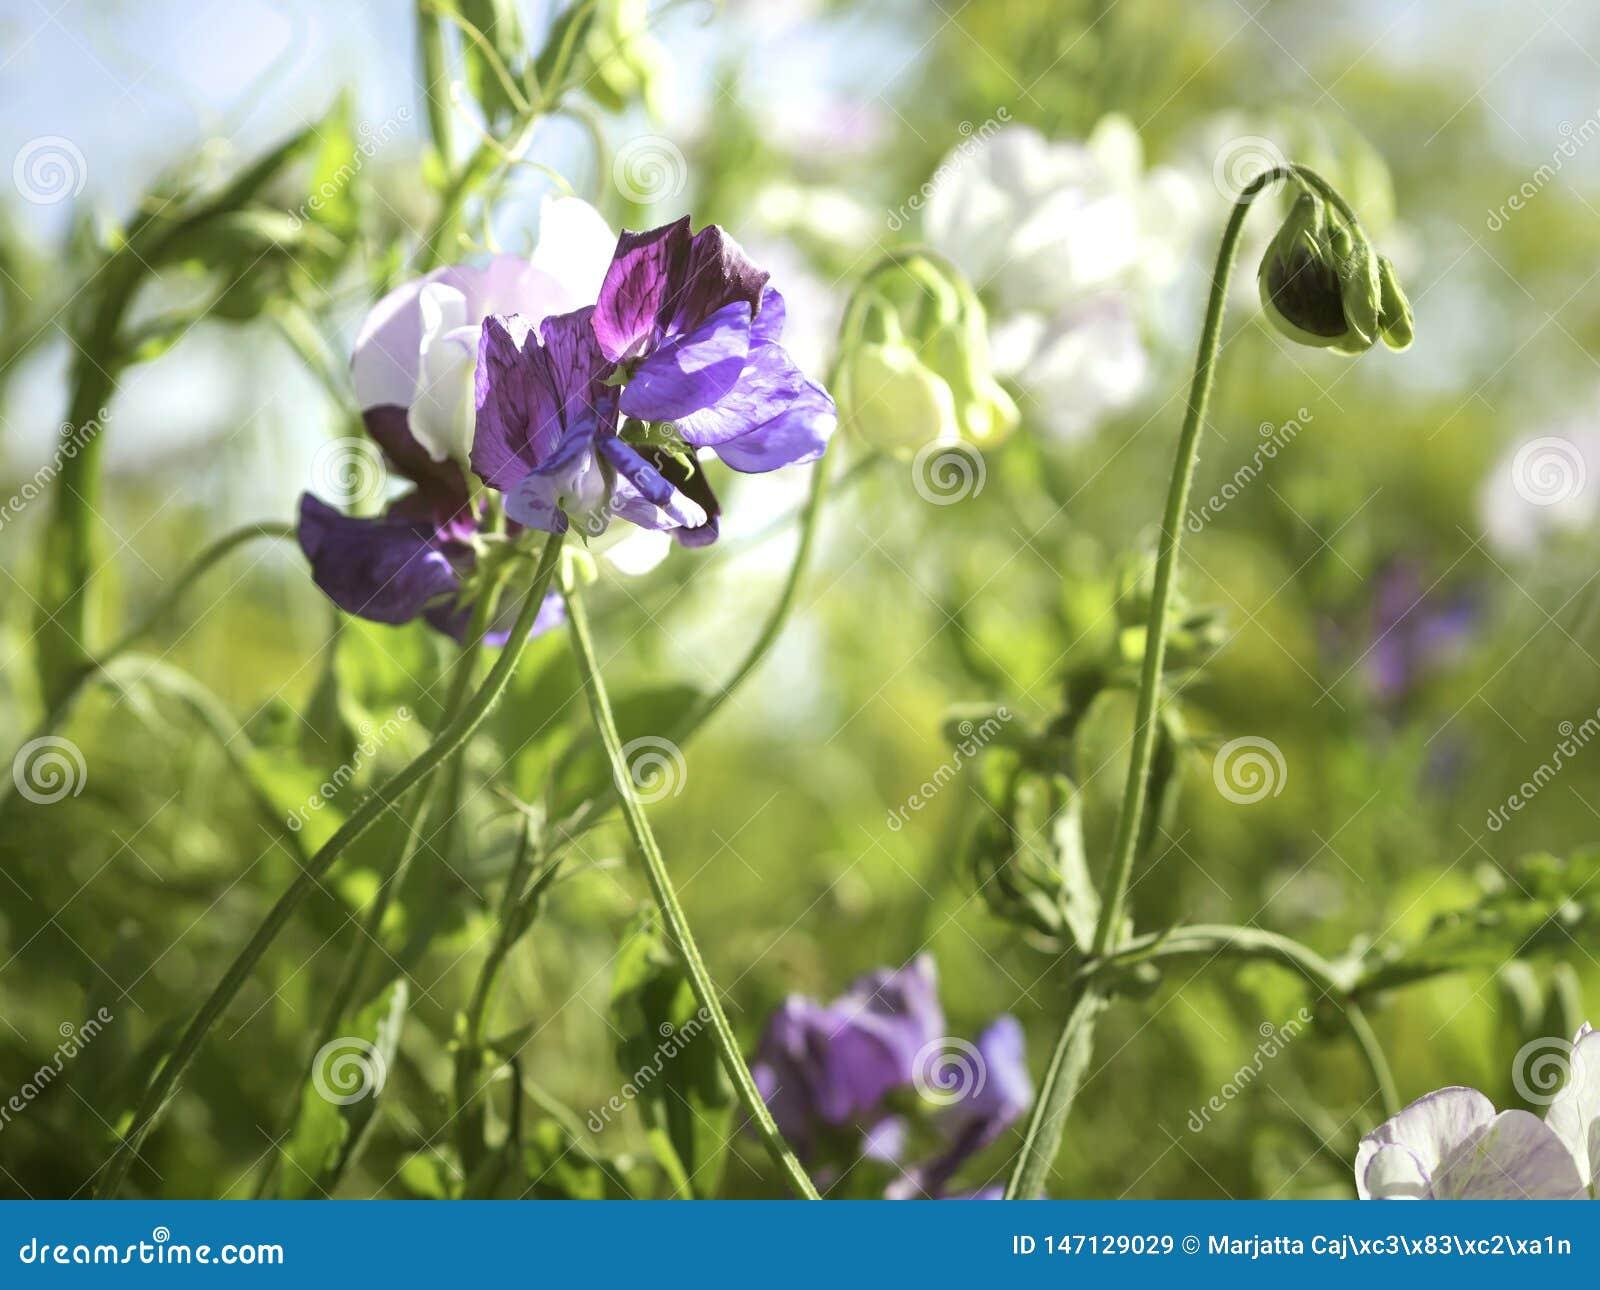 Weiße und purpurrote Blumen von Edelwicke Lathyrus odoratus, das in einem Garten wächst